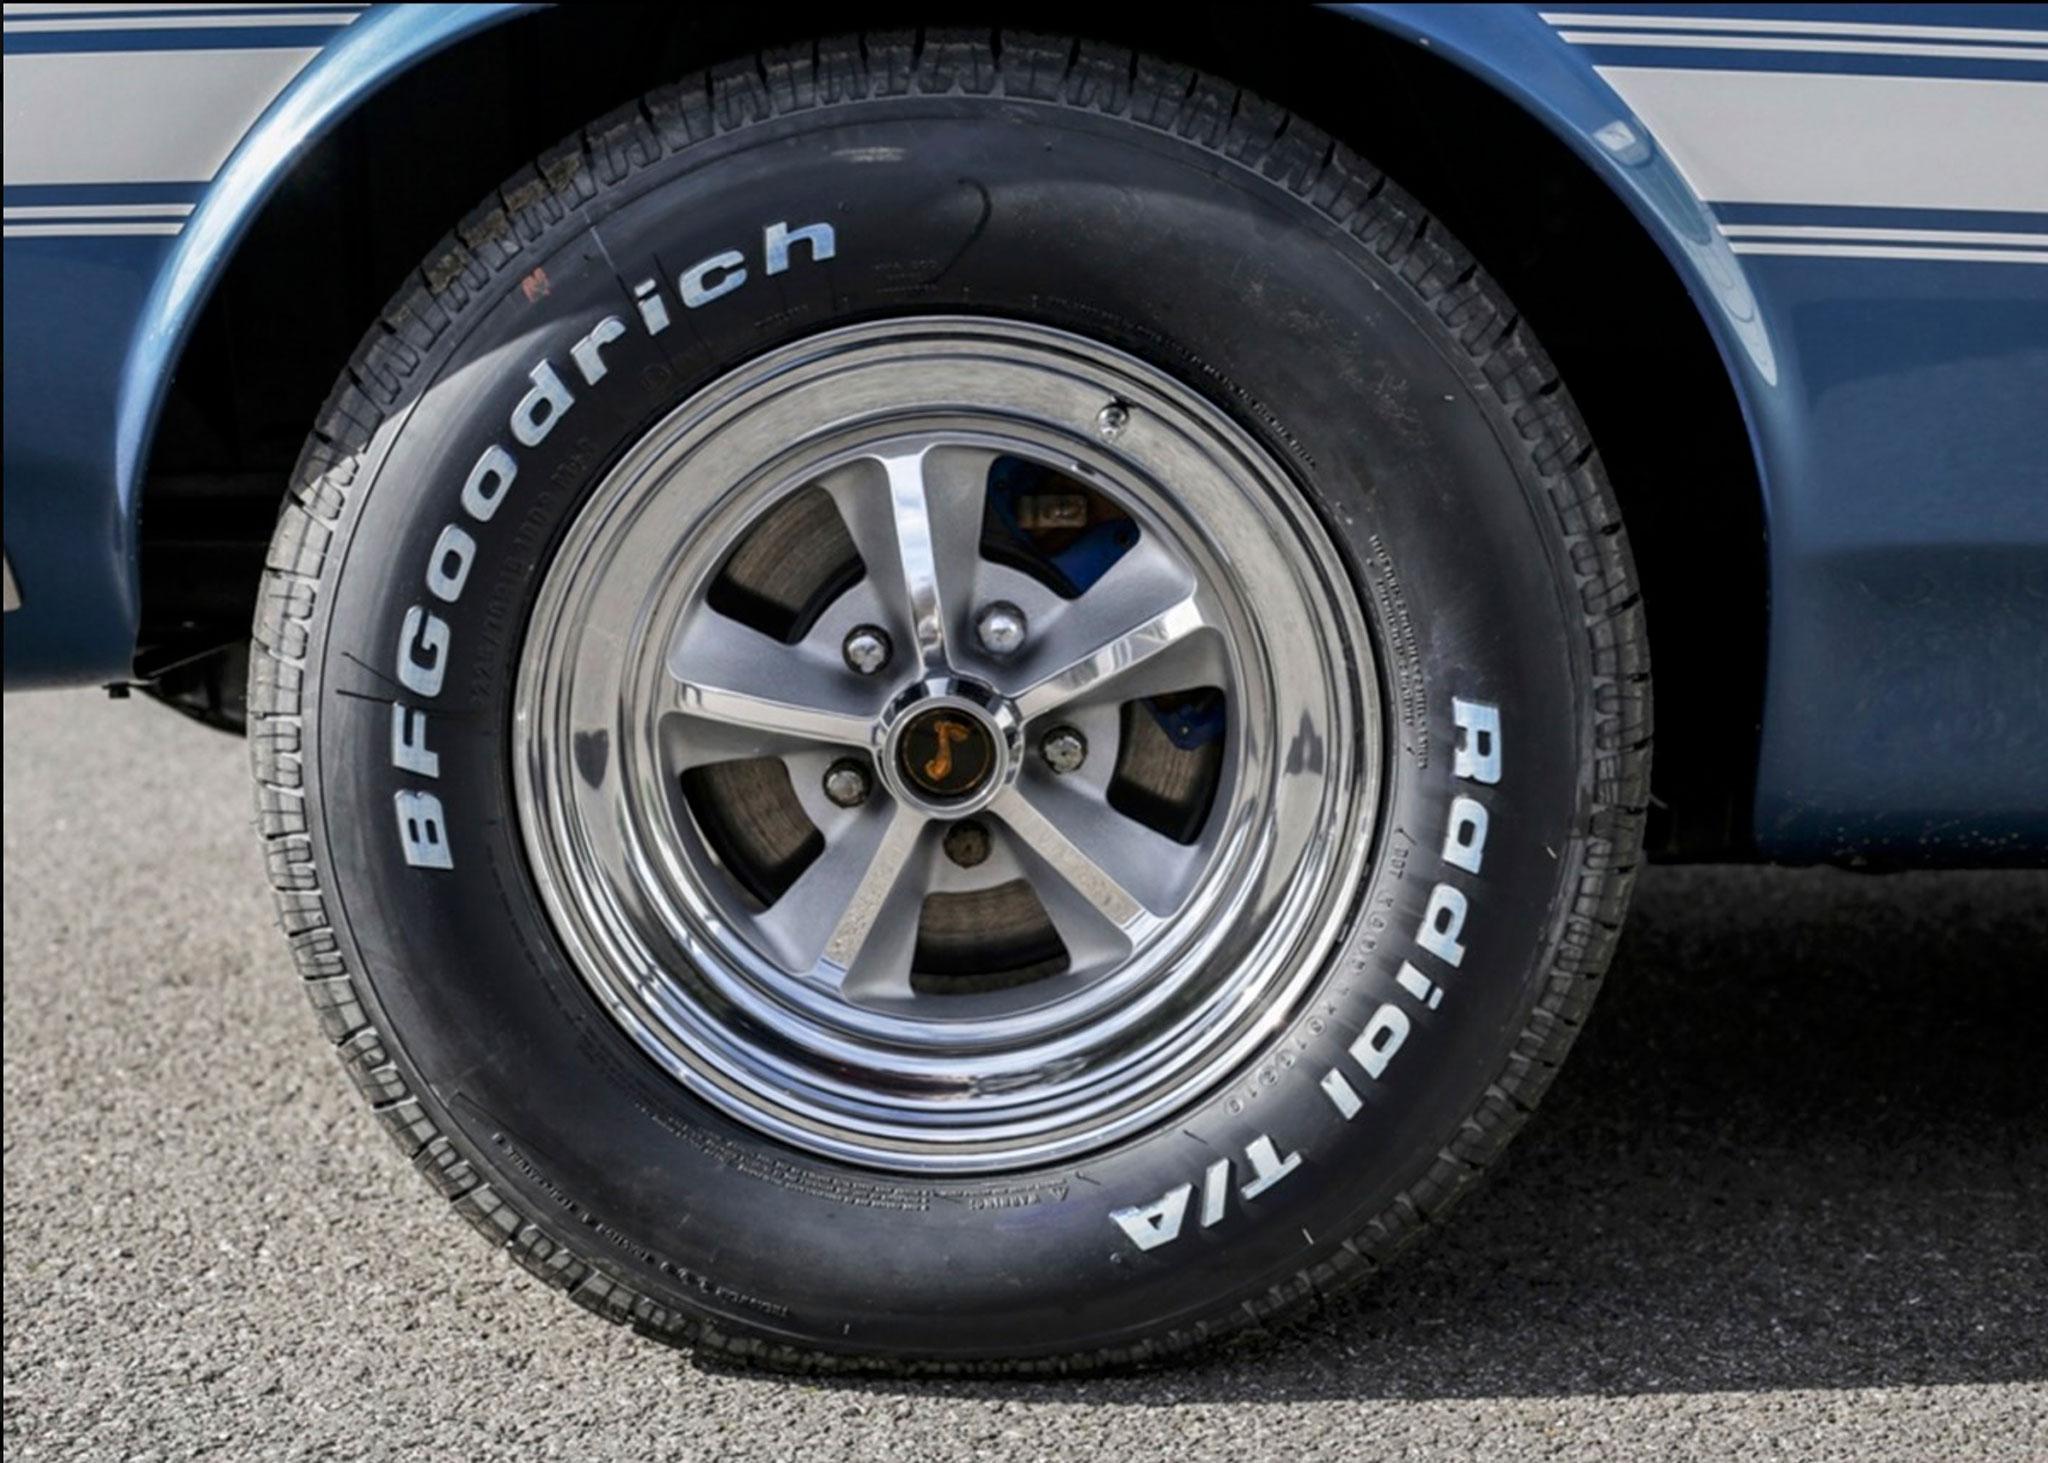 1969 Shelby GT350 Convertible jantes spécifiques pour ce modèle - Coups de Coeur Historics Auctioneers.